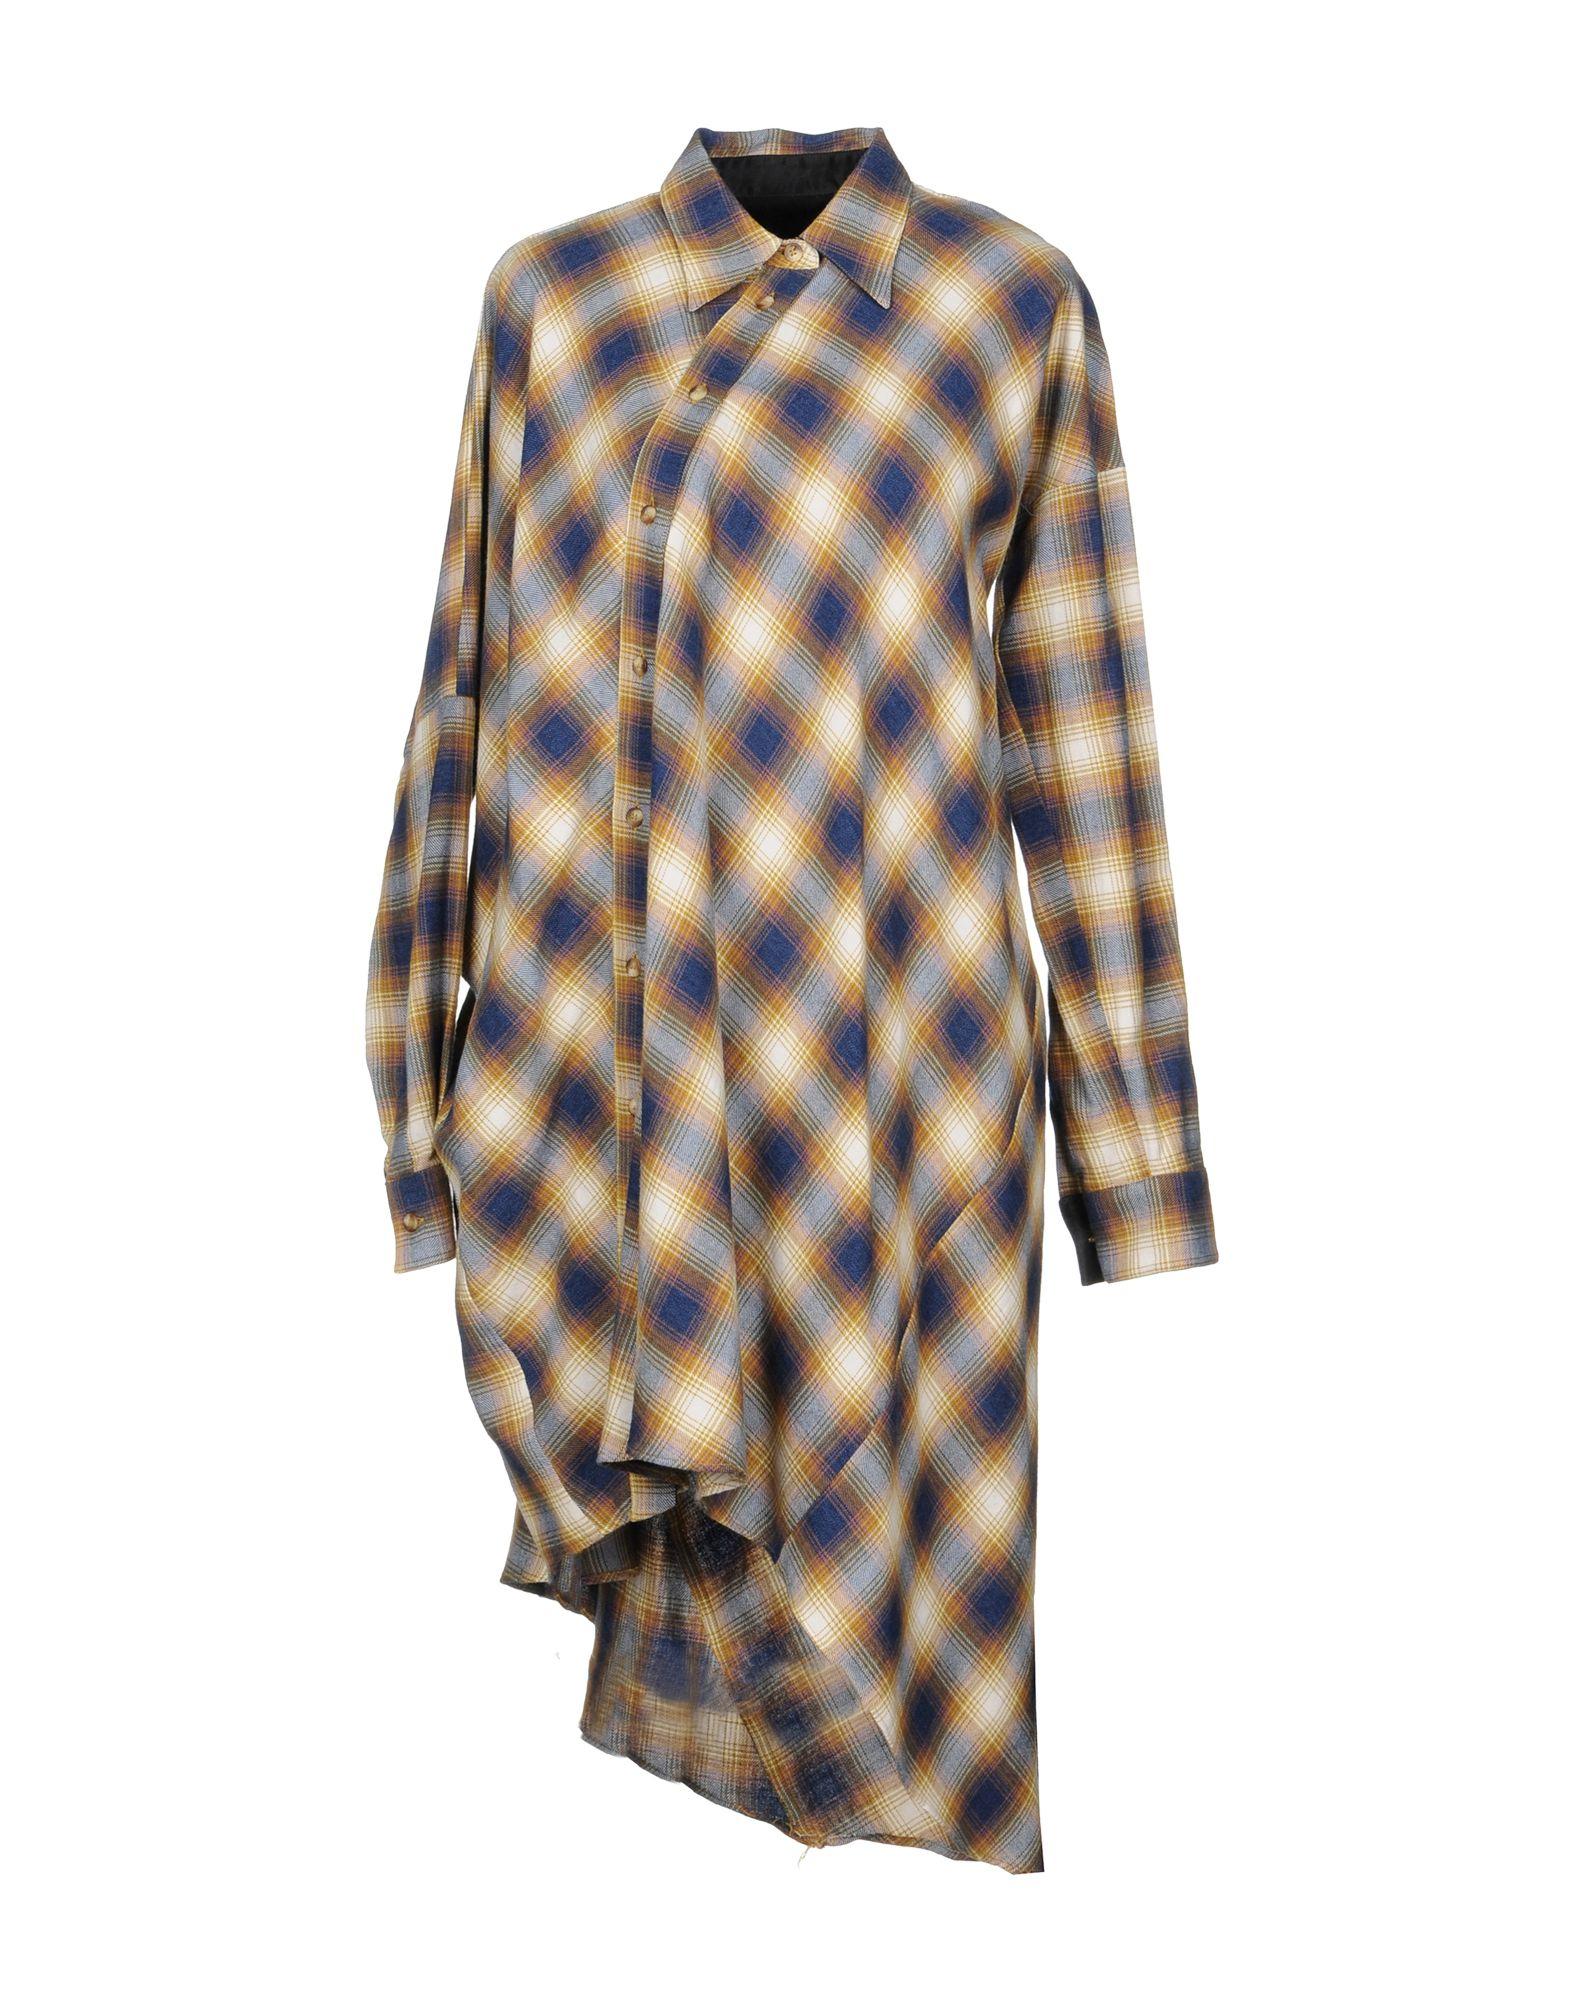 MM6 MAISON MARGIELA Короткое платье mm6 maison margiela джинсовая рубашка